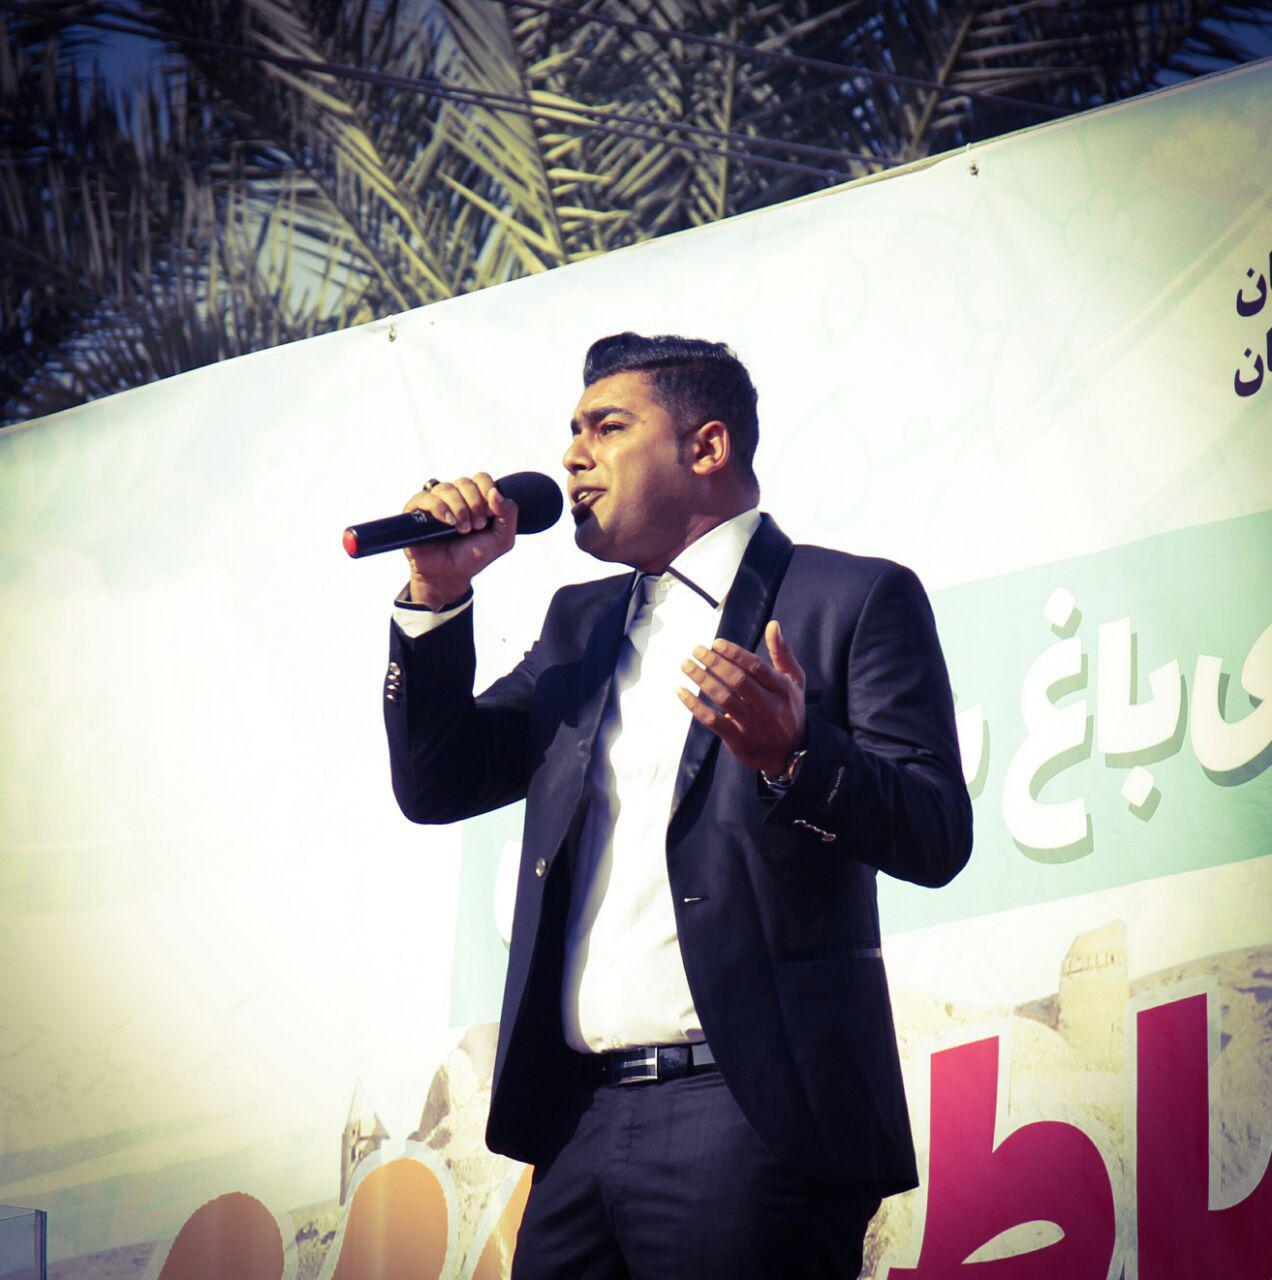 مسعود رادیان آهنگ جدید و بسیار زیبا و شنیدنی بصورت حفله